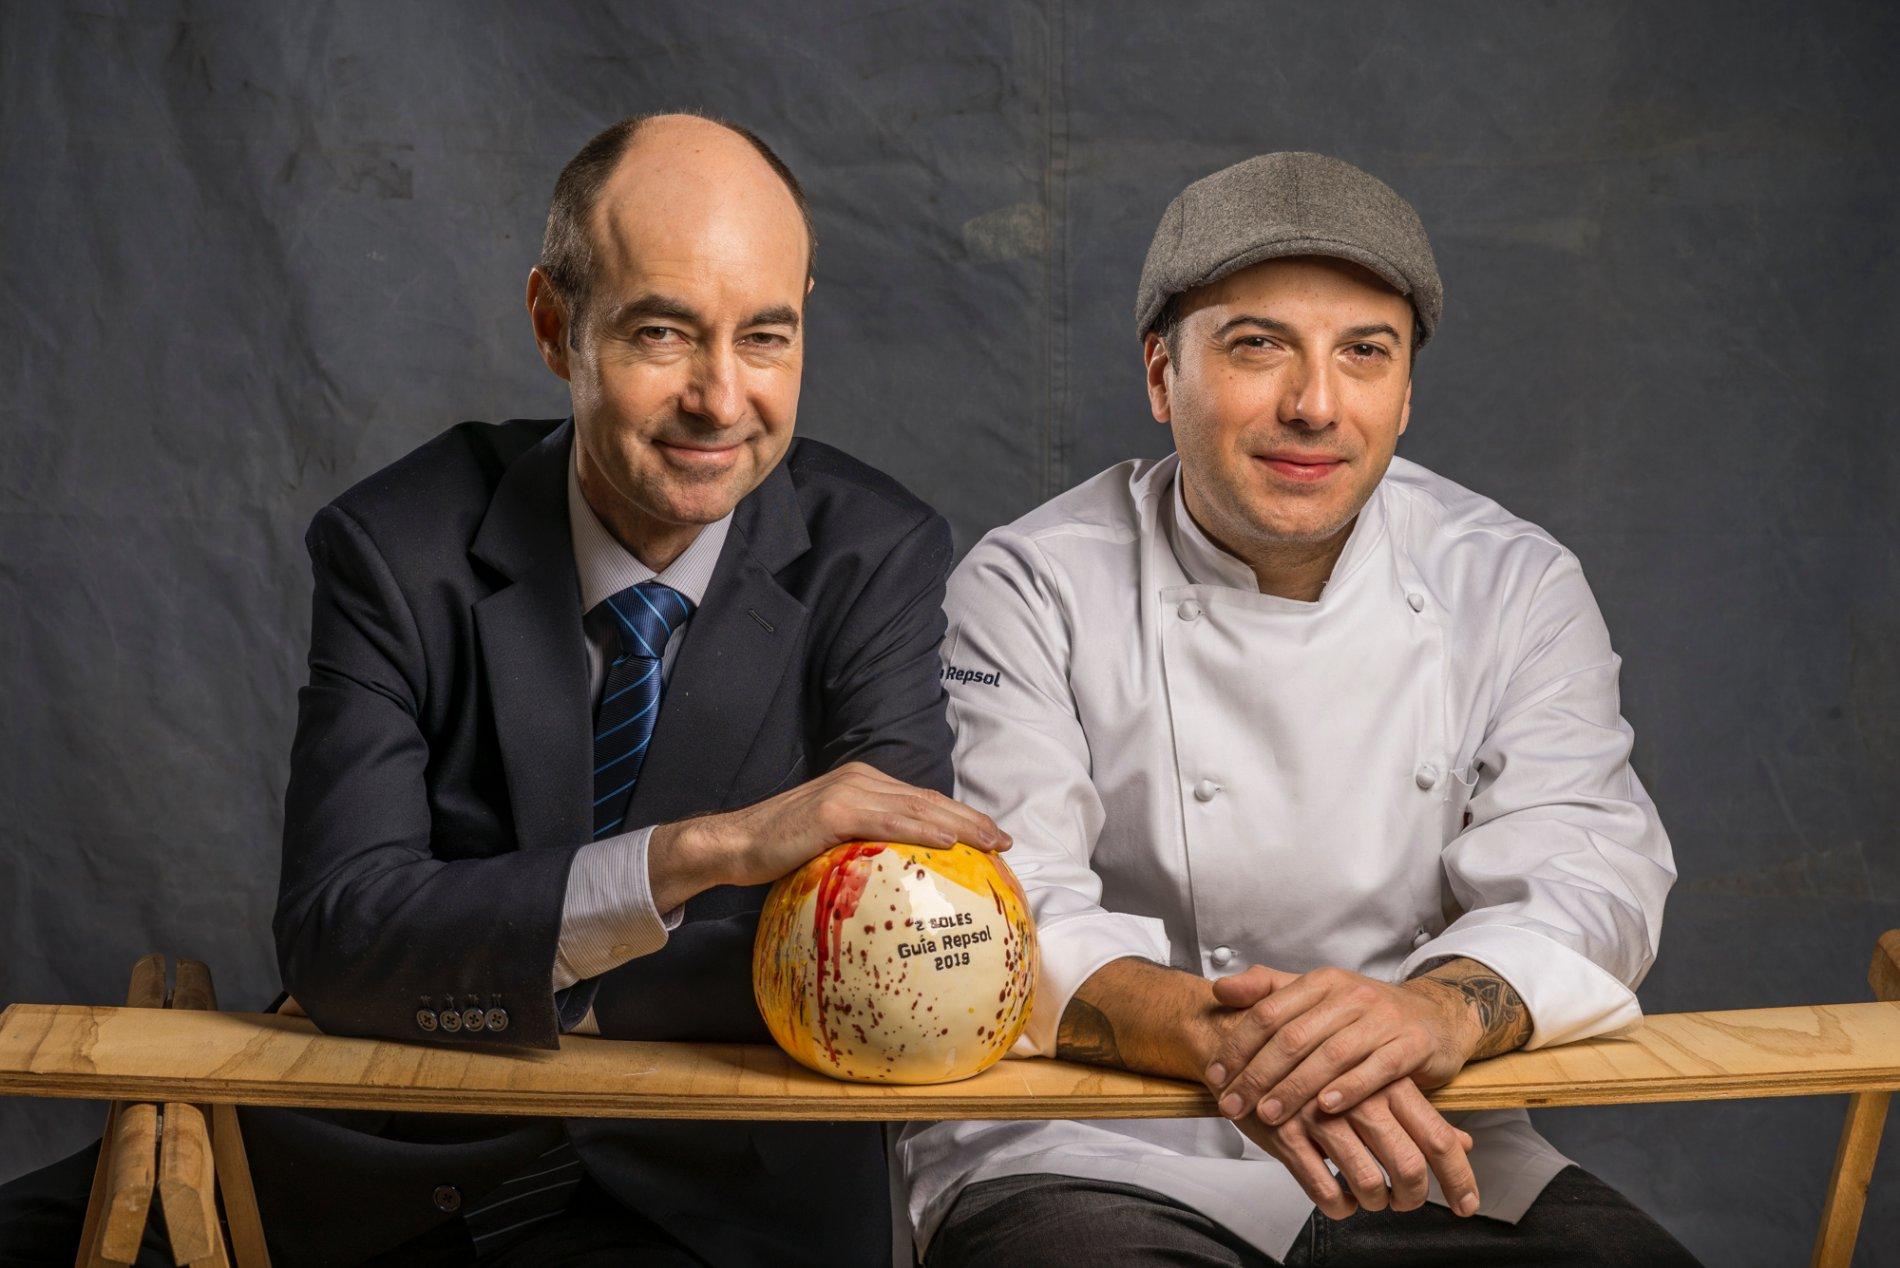 Restaurante con 2 Soles. David García y Juan Manuel del Rey (Corral de la Morería)